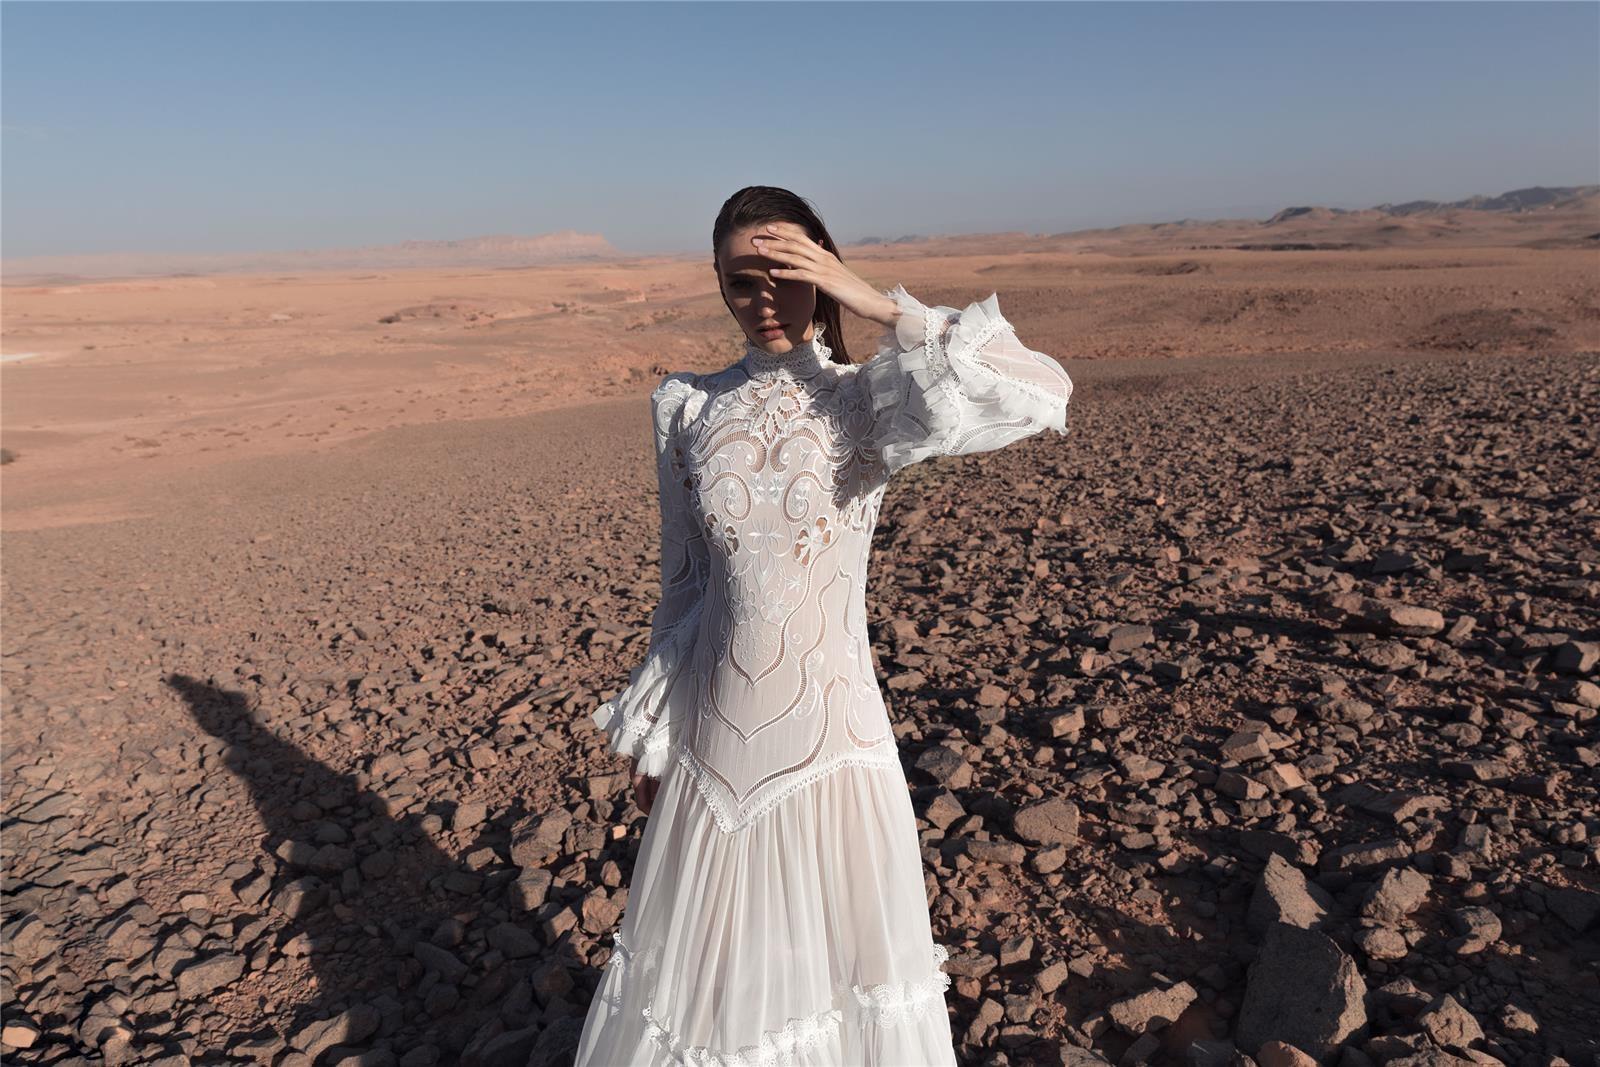 שמלת כלה של מיכל אזולאי (צילום: דניאל אלסטר)